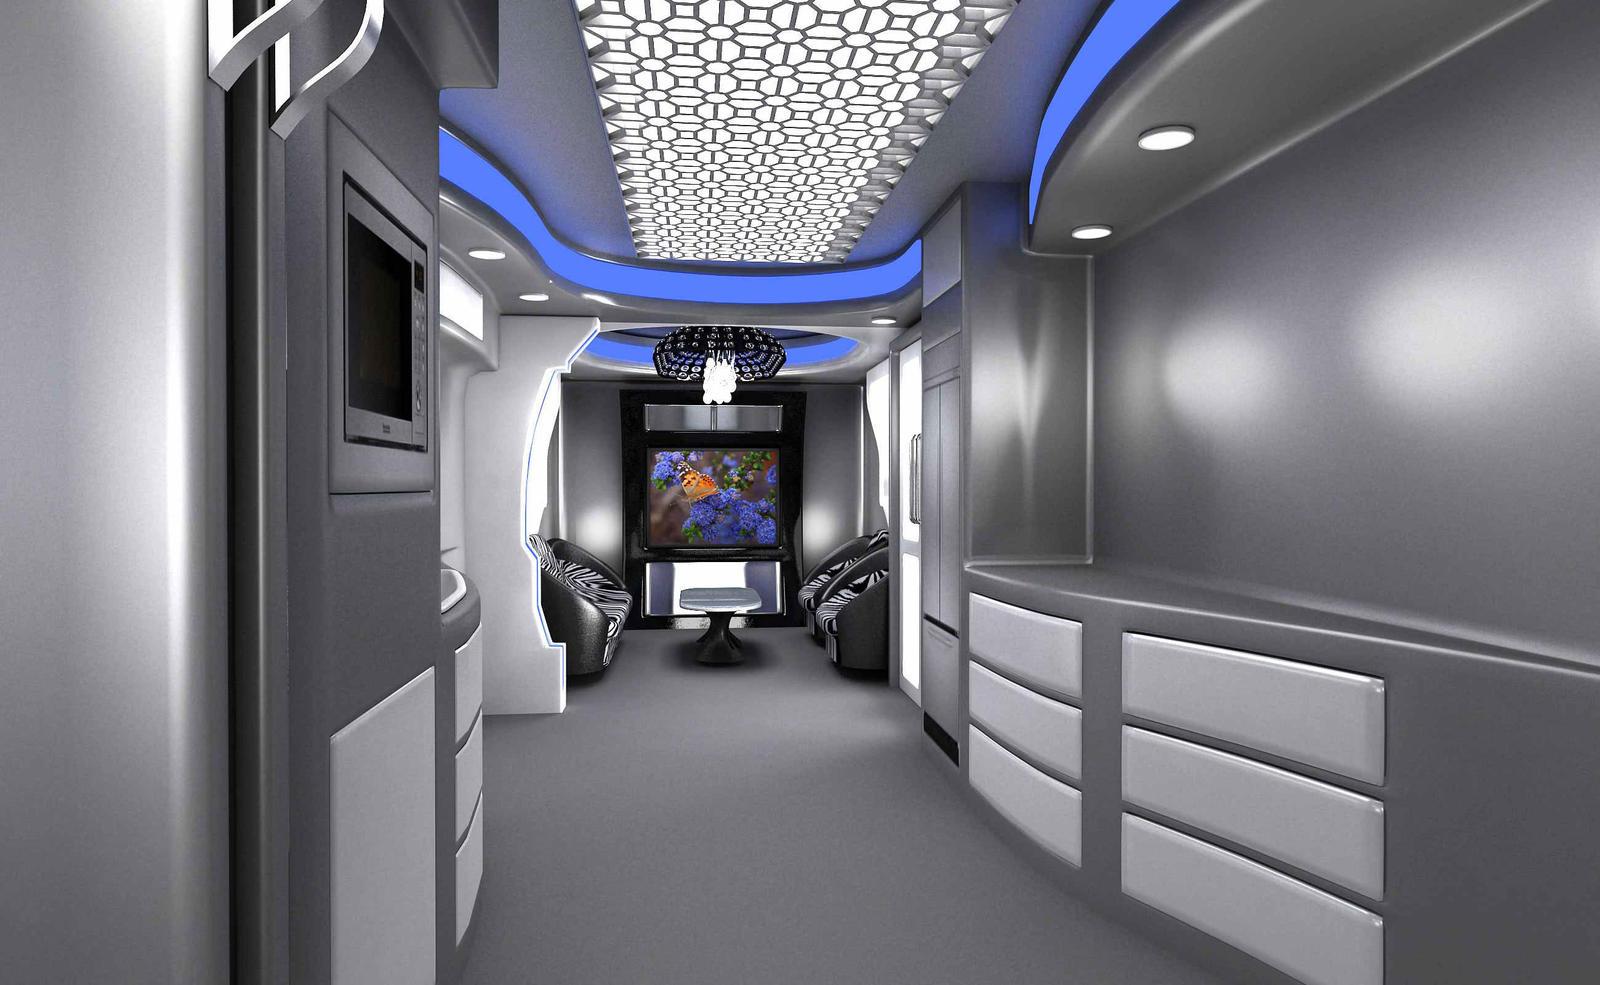 31 Fantastic Caravans Interior Pictures fakrubcom